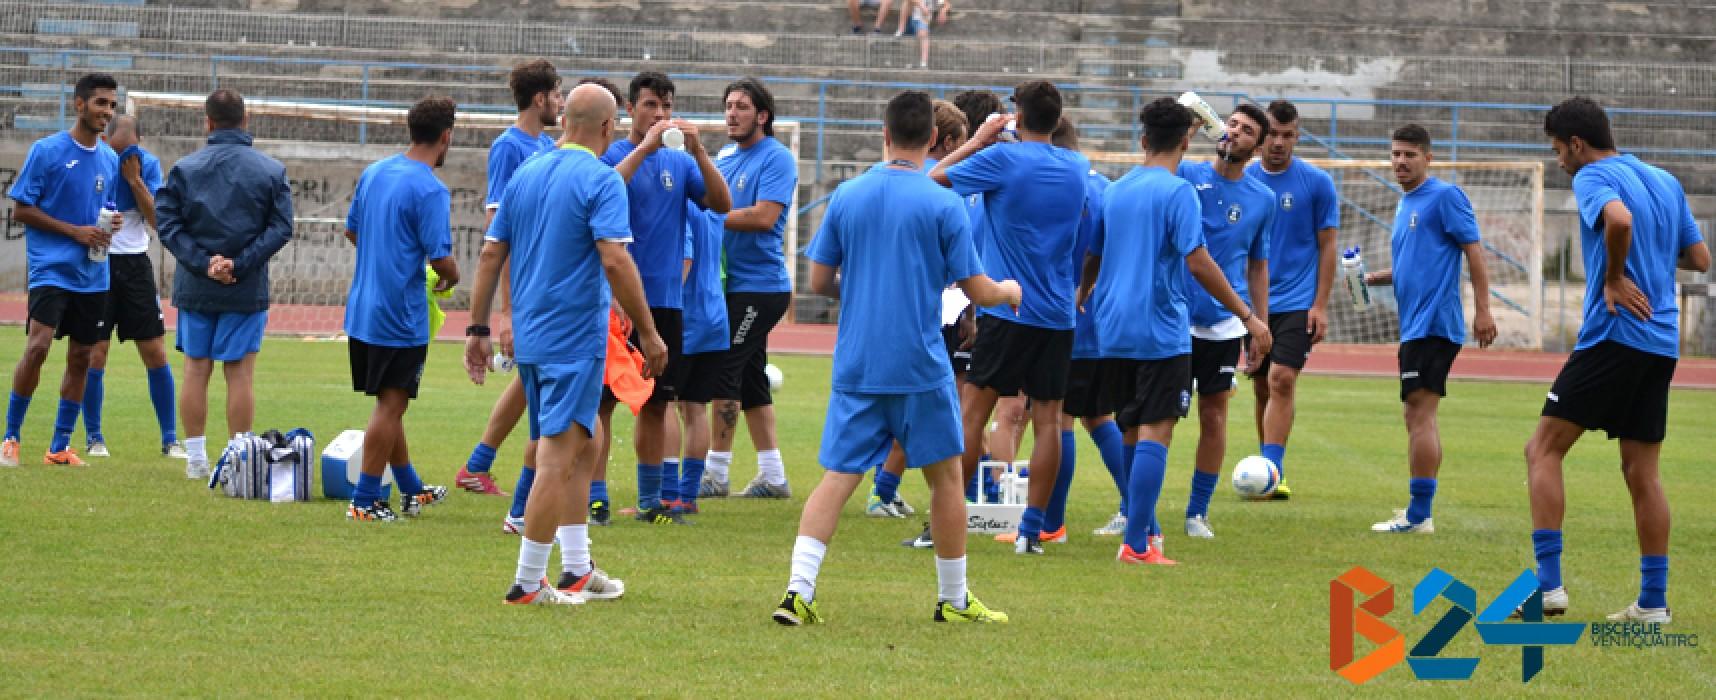 Il Bisceglie calcio all'esame Taranto, domani la sfida allo Iacovone